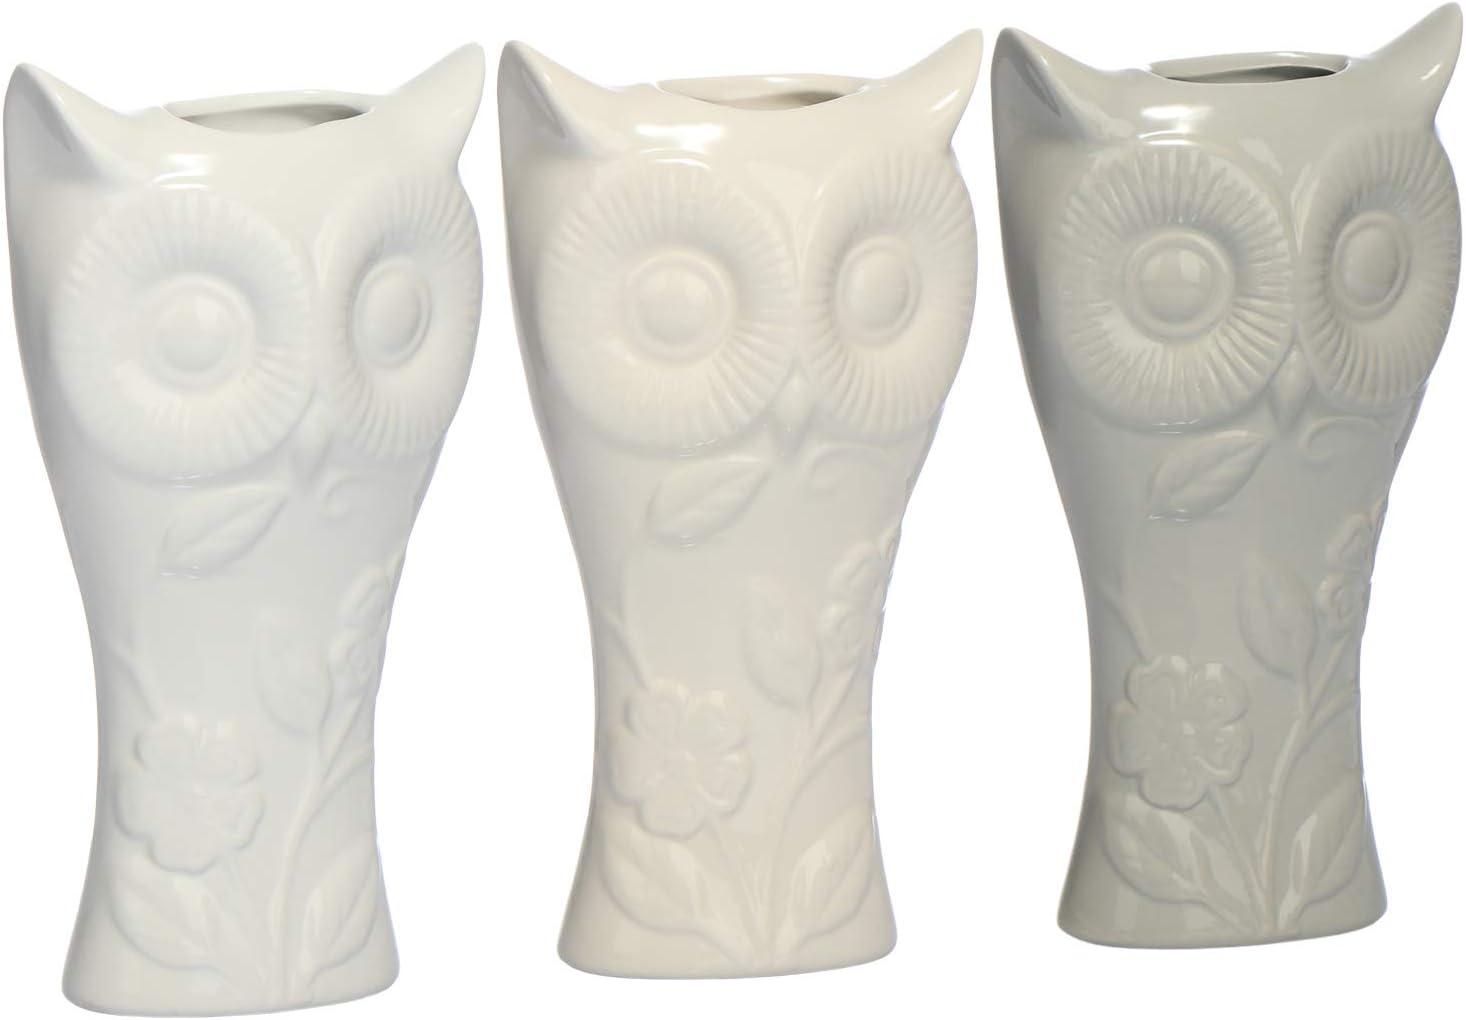 Radiatore Umidificatore in Bianco Riscaldamento Evaporatore dAcqua in Ceramica con Motivo della casa 03 Pezzi - casa com-four/® 3X Umidificatore Riscaldamento